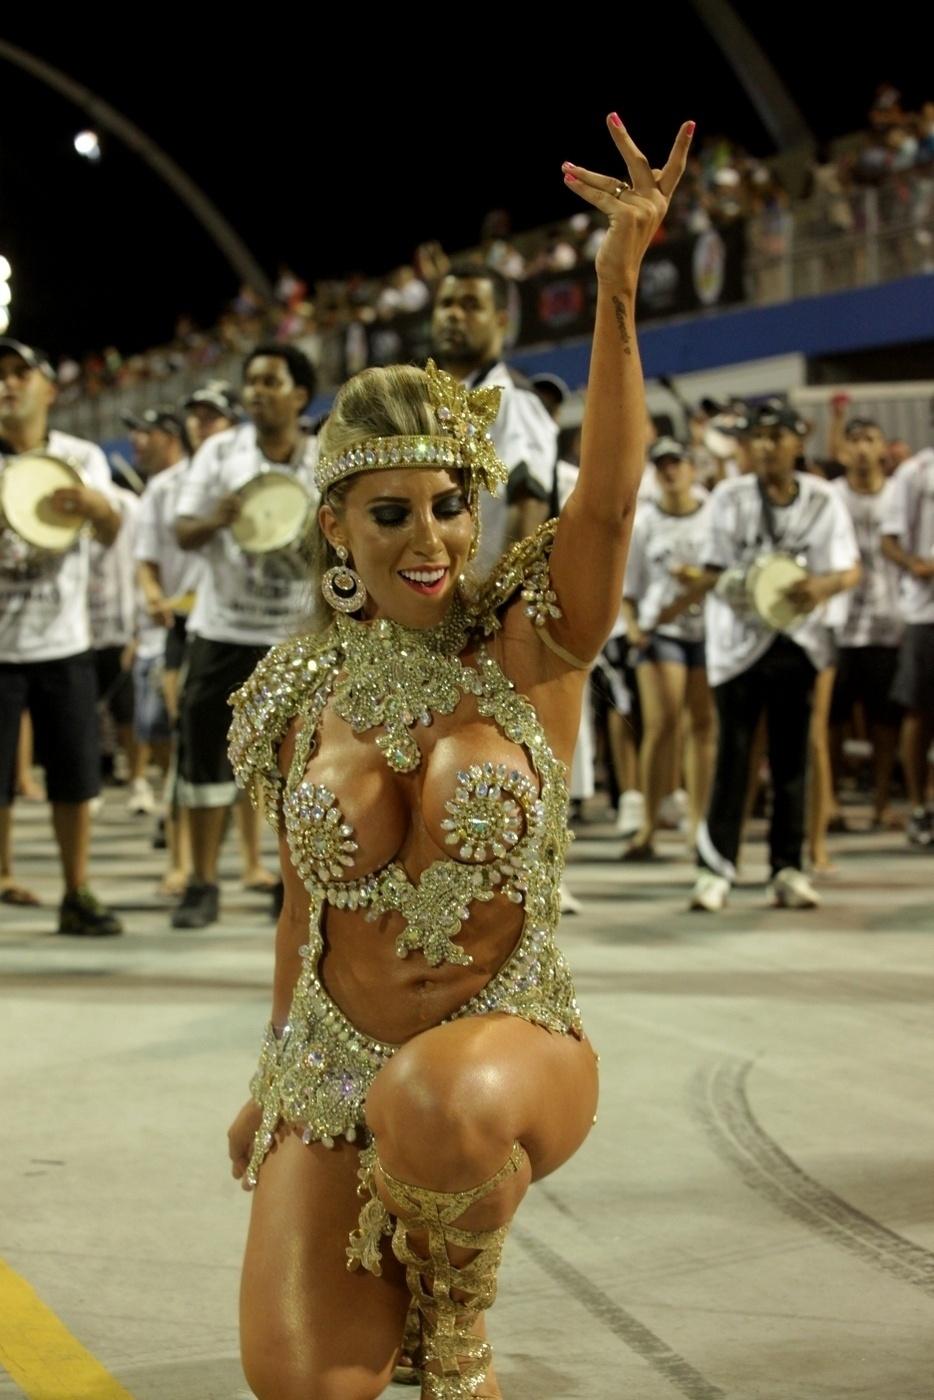 26.jan.14 - Tati samba a frente da bateria da Gaviões no ensaio técnico no sambódromo do Anhembi, na noite de sábado (25)